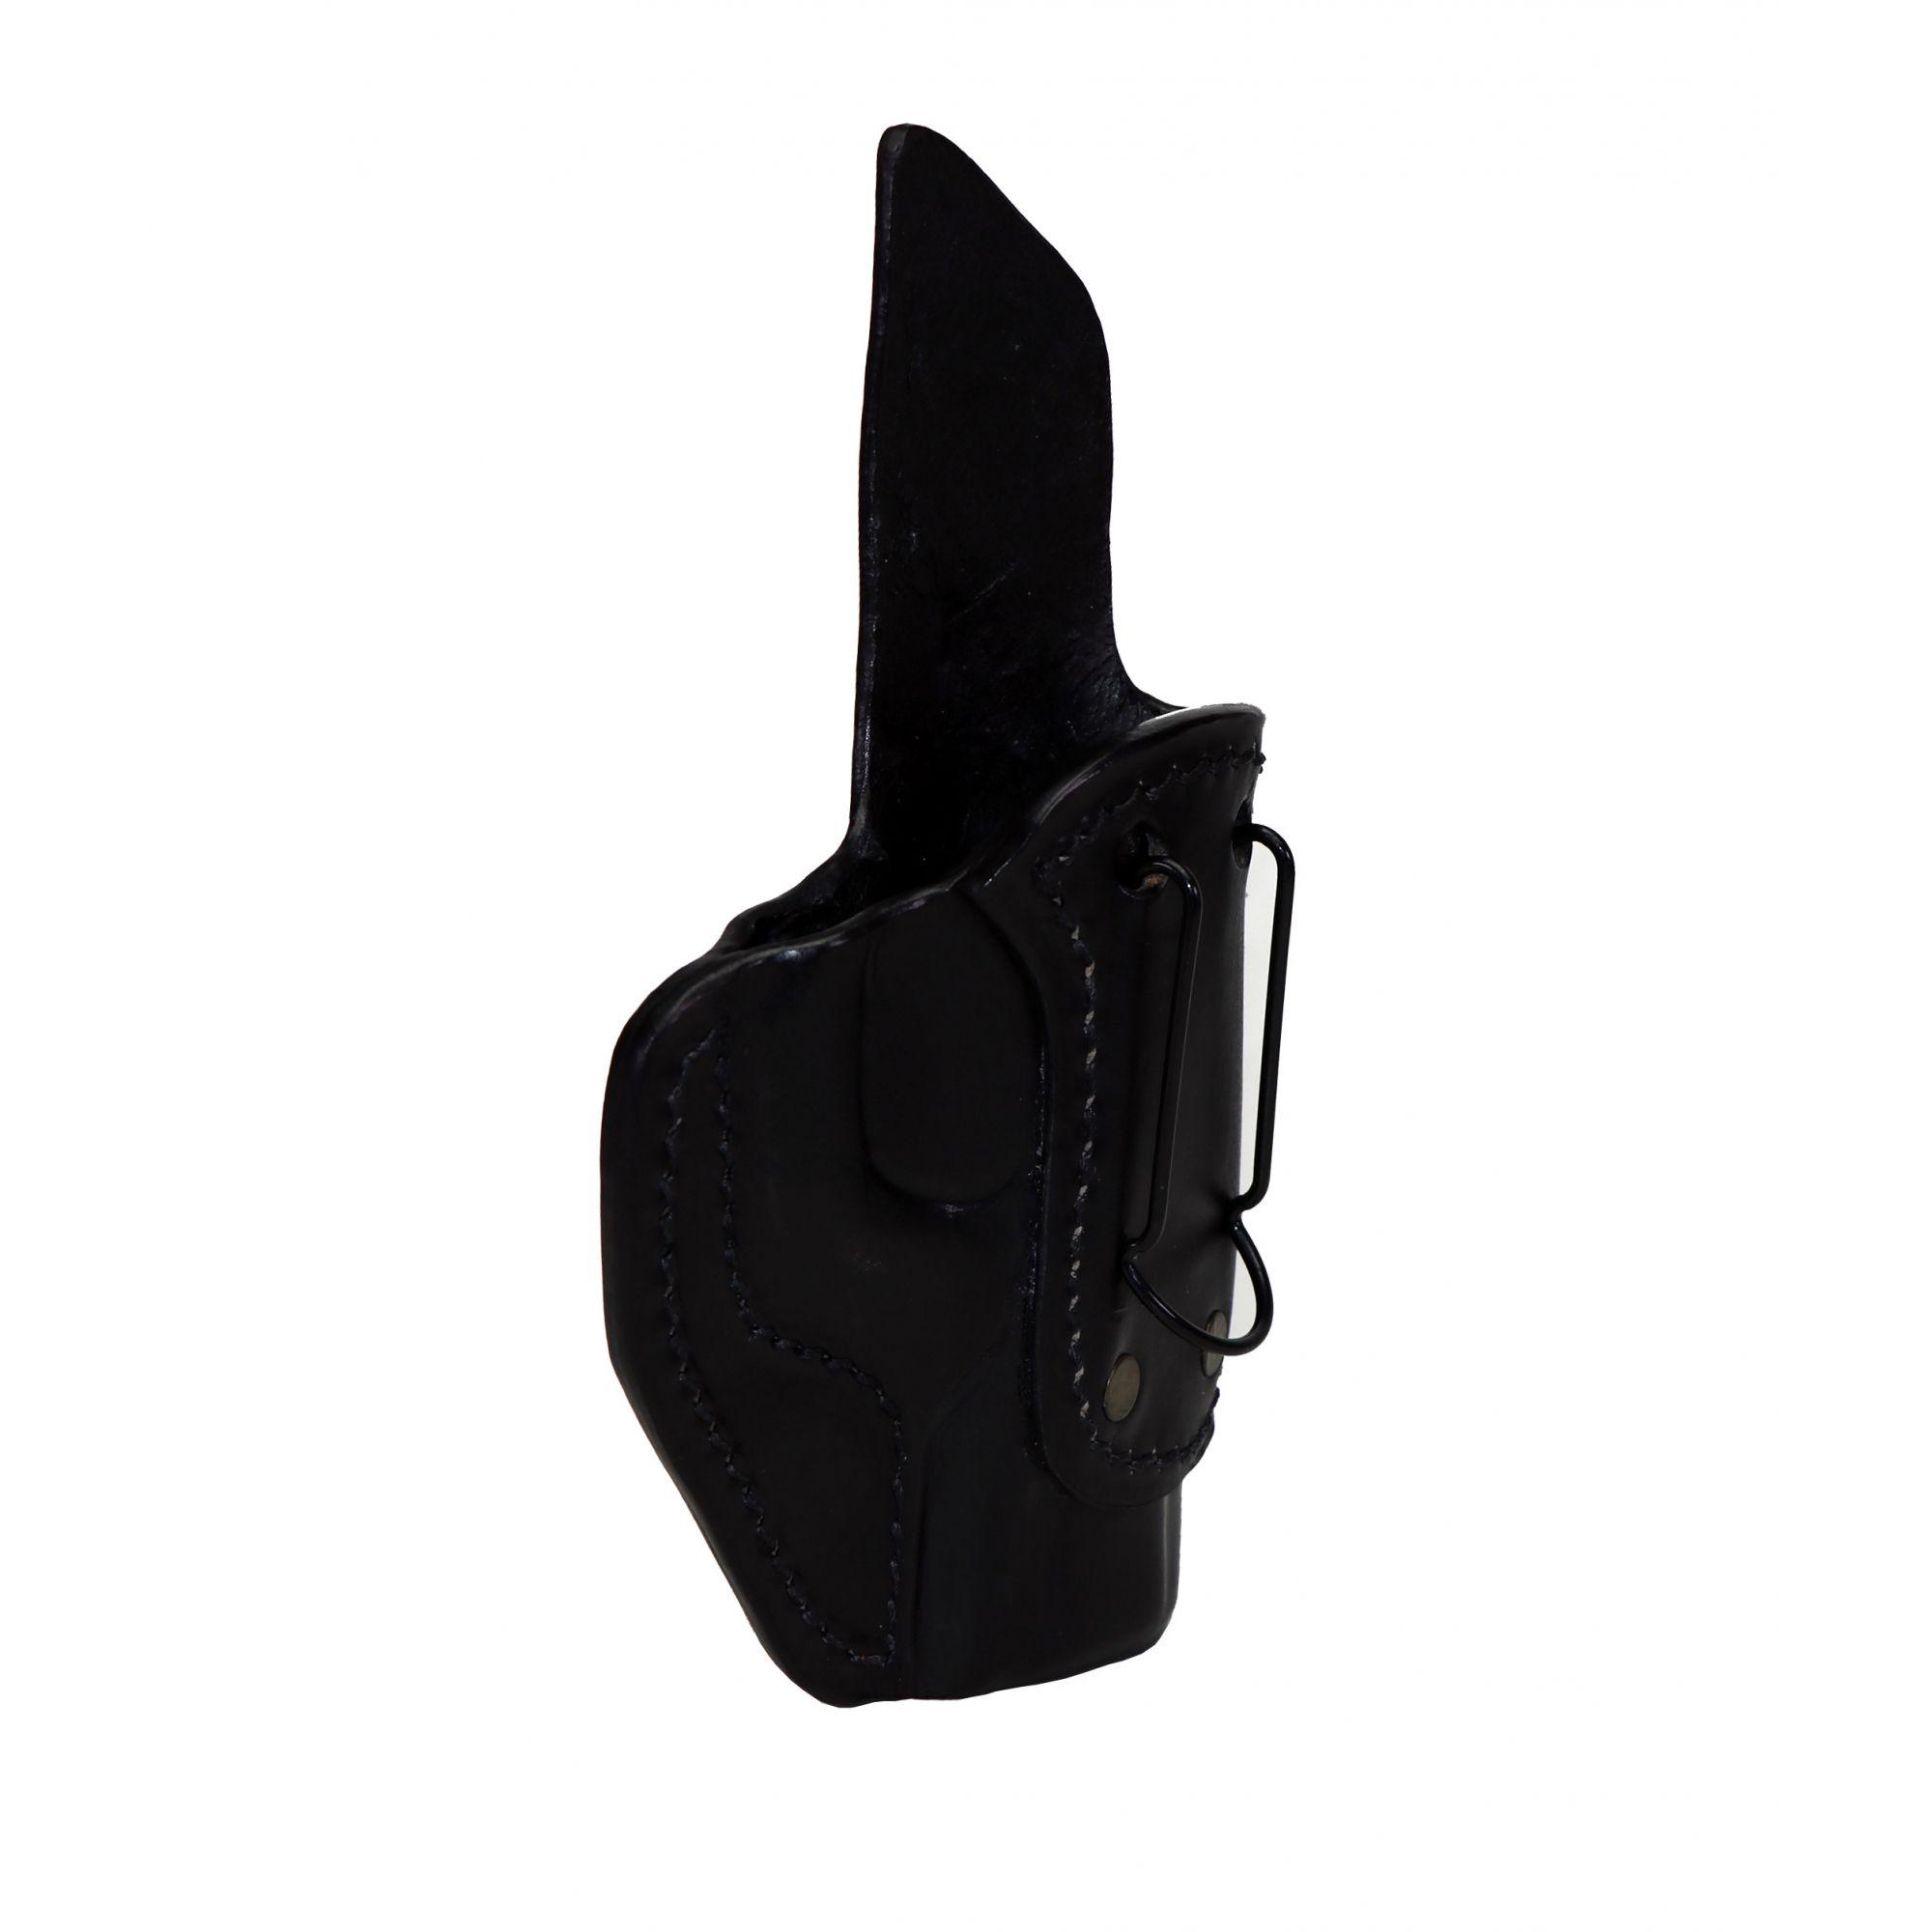 Coldre Velado Clip aço  Preto Audaz para Tanfoglio FT9 Carry